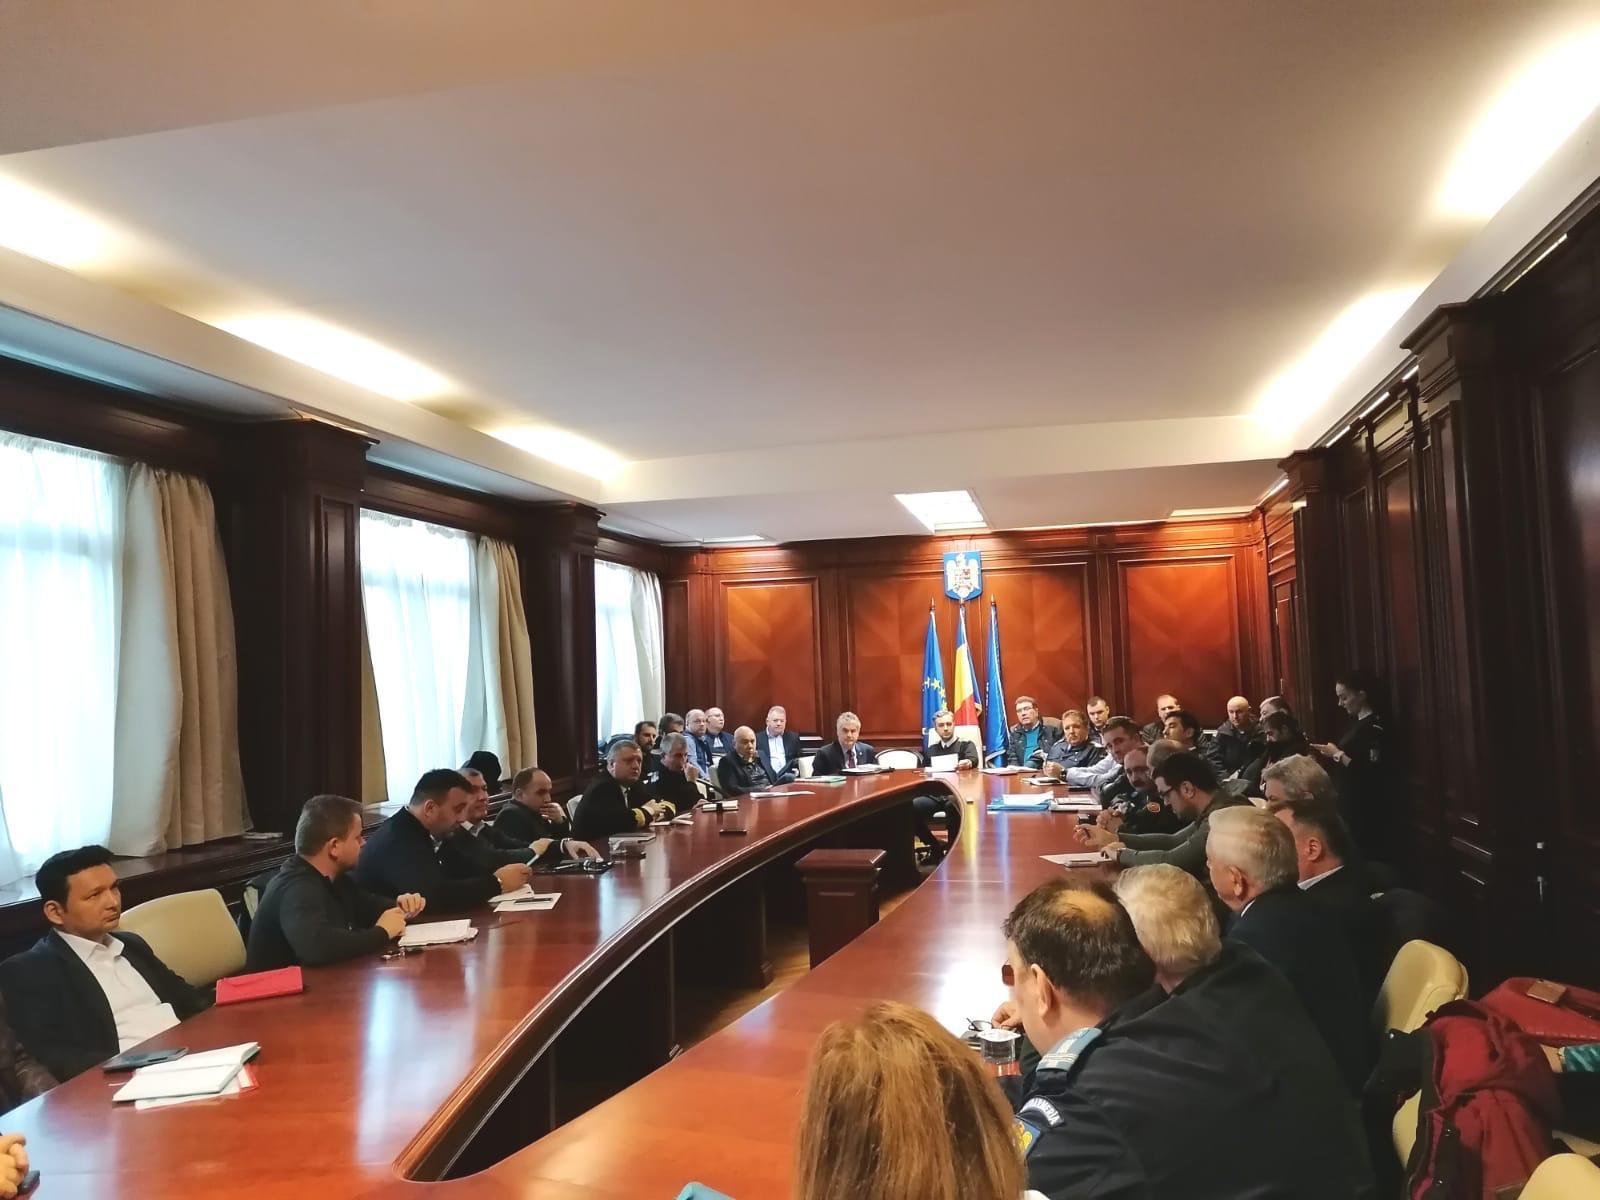 Măsuri luate de Instituția Prefectului – Județul Constanța, în contextul fenomenelor meteorologice severe anunțate la nivel național